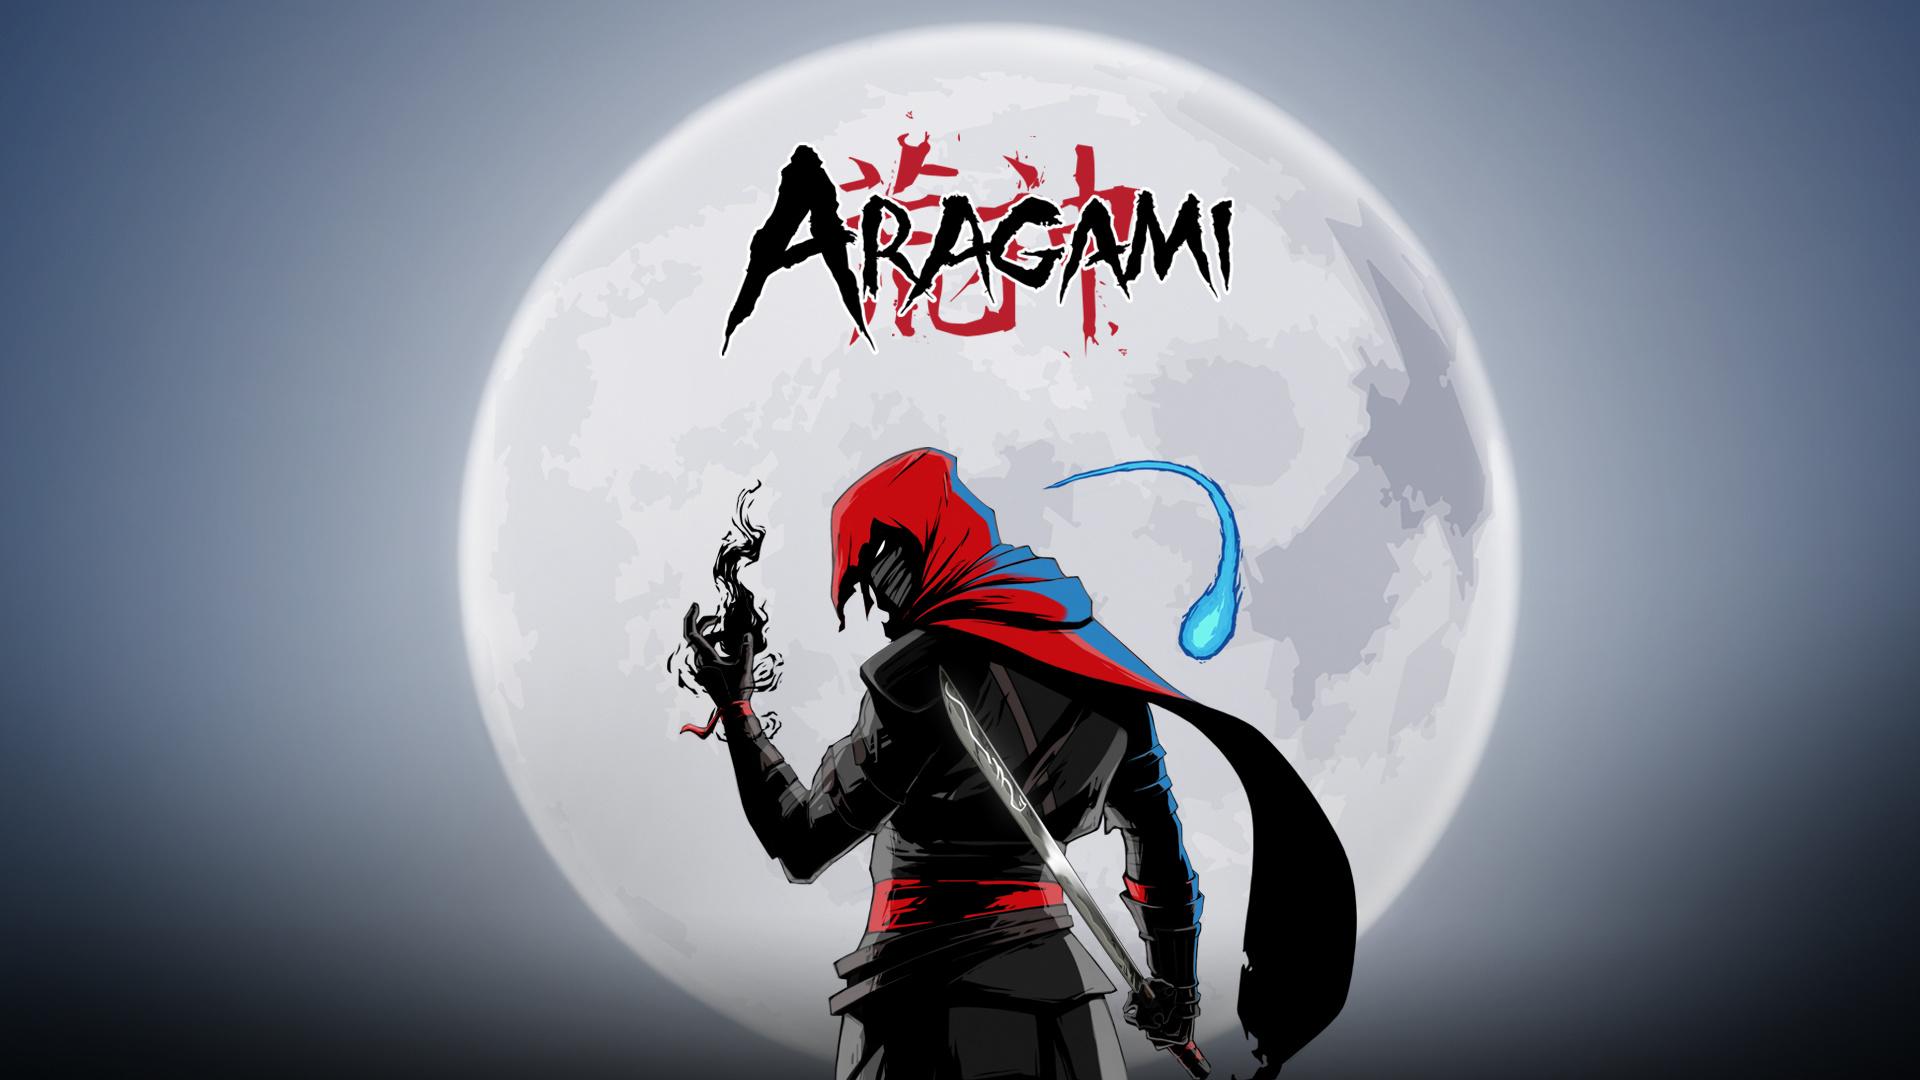 Aragami-theme%20katana